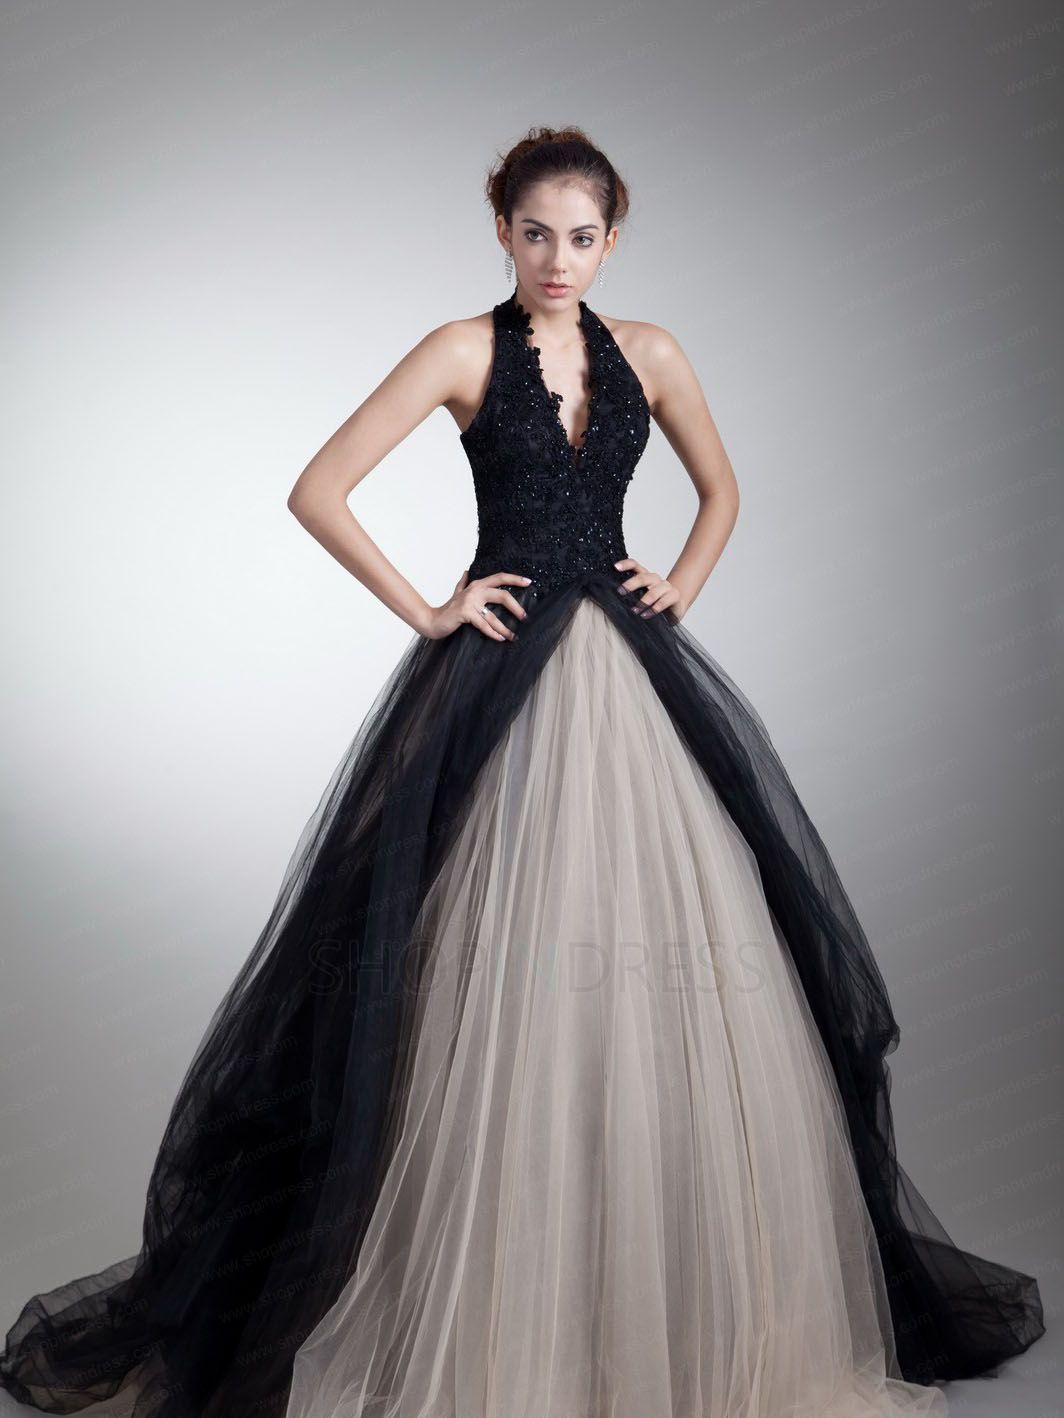 Organze halter neck ballgown soiree dresses pinterest halter neck